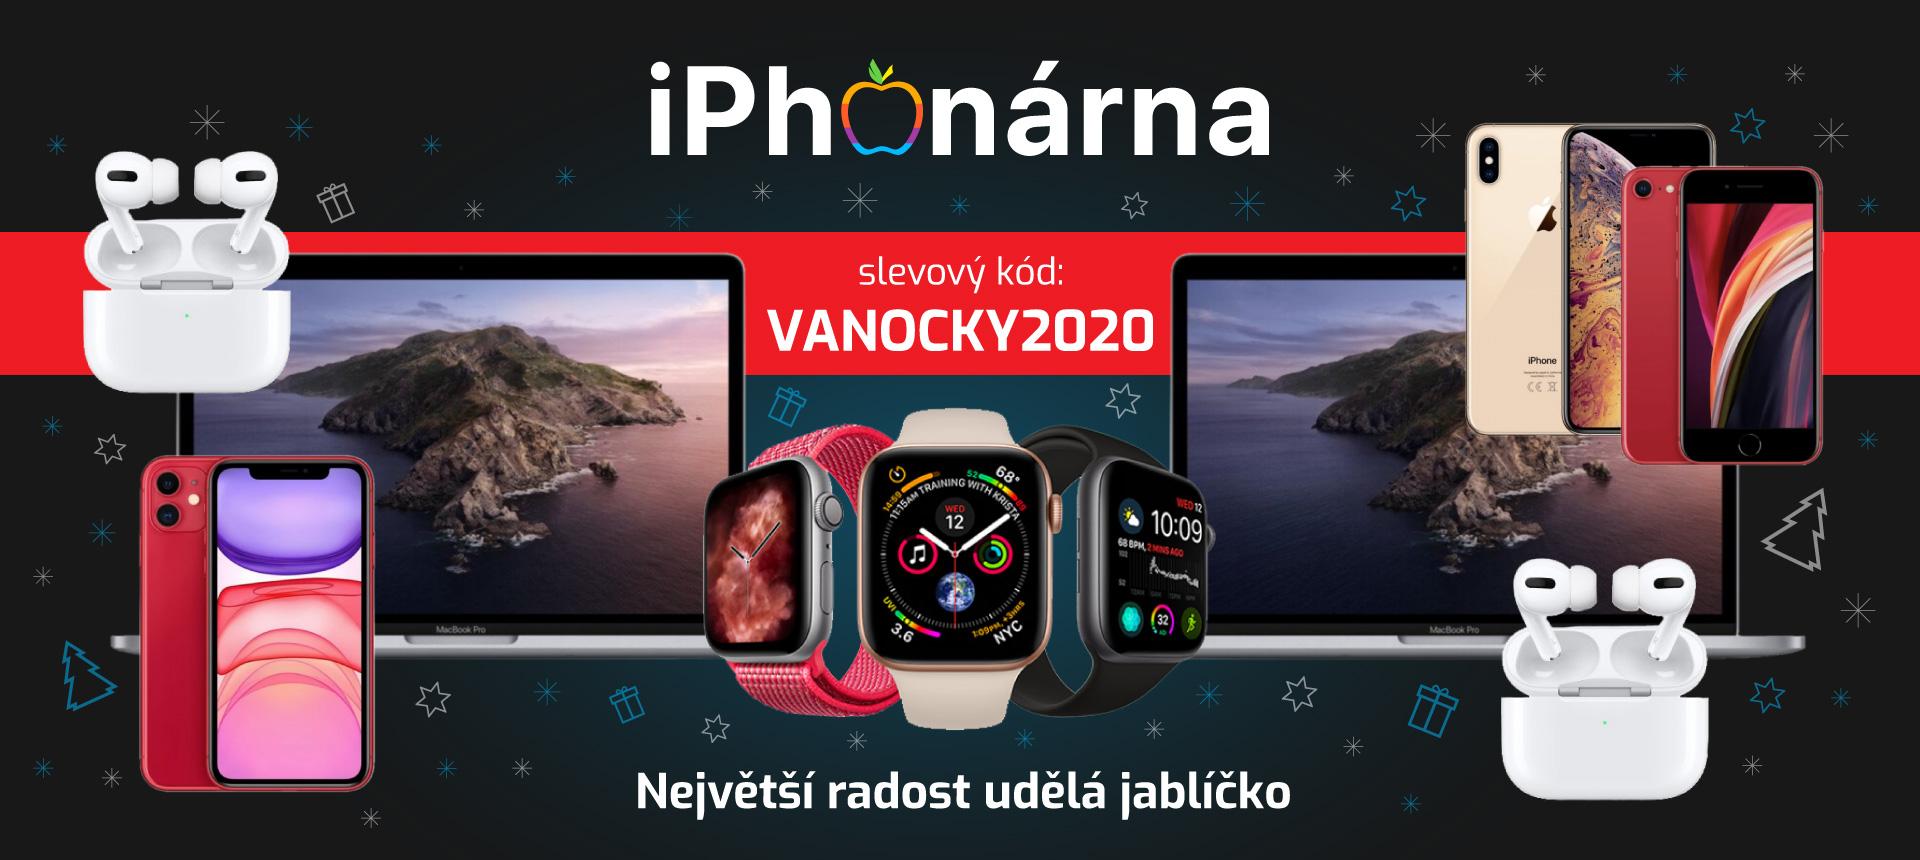 VANOCKY2020